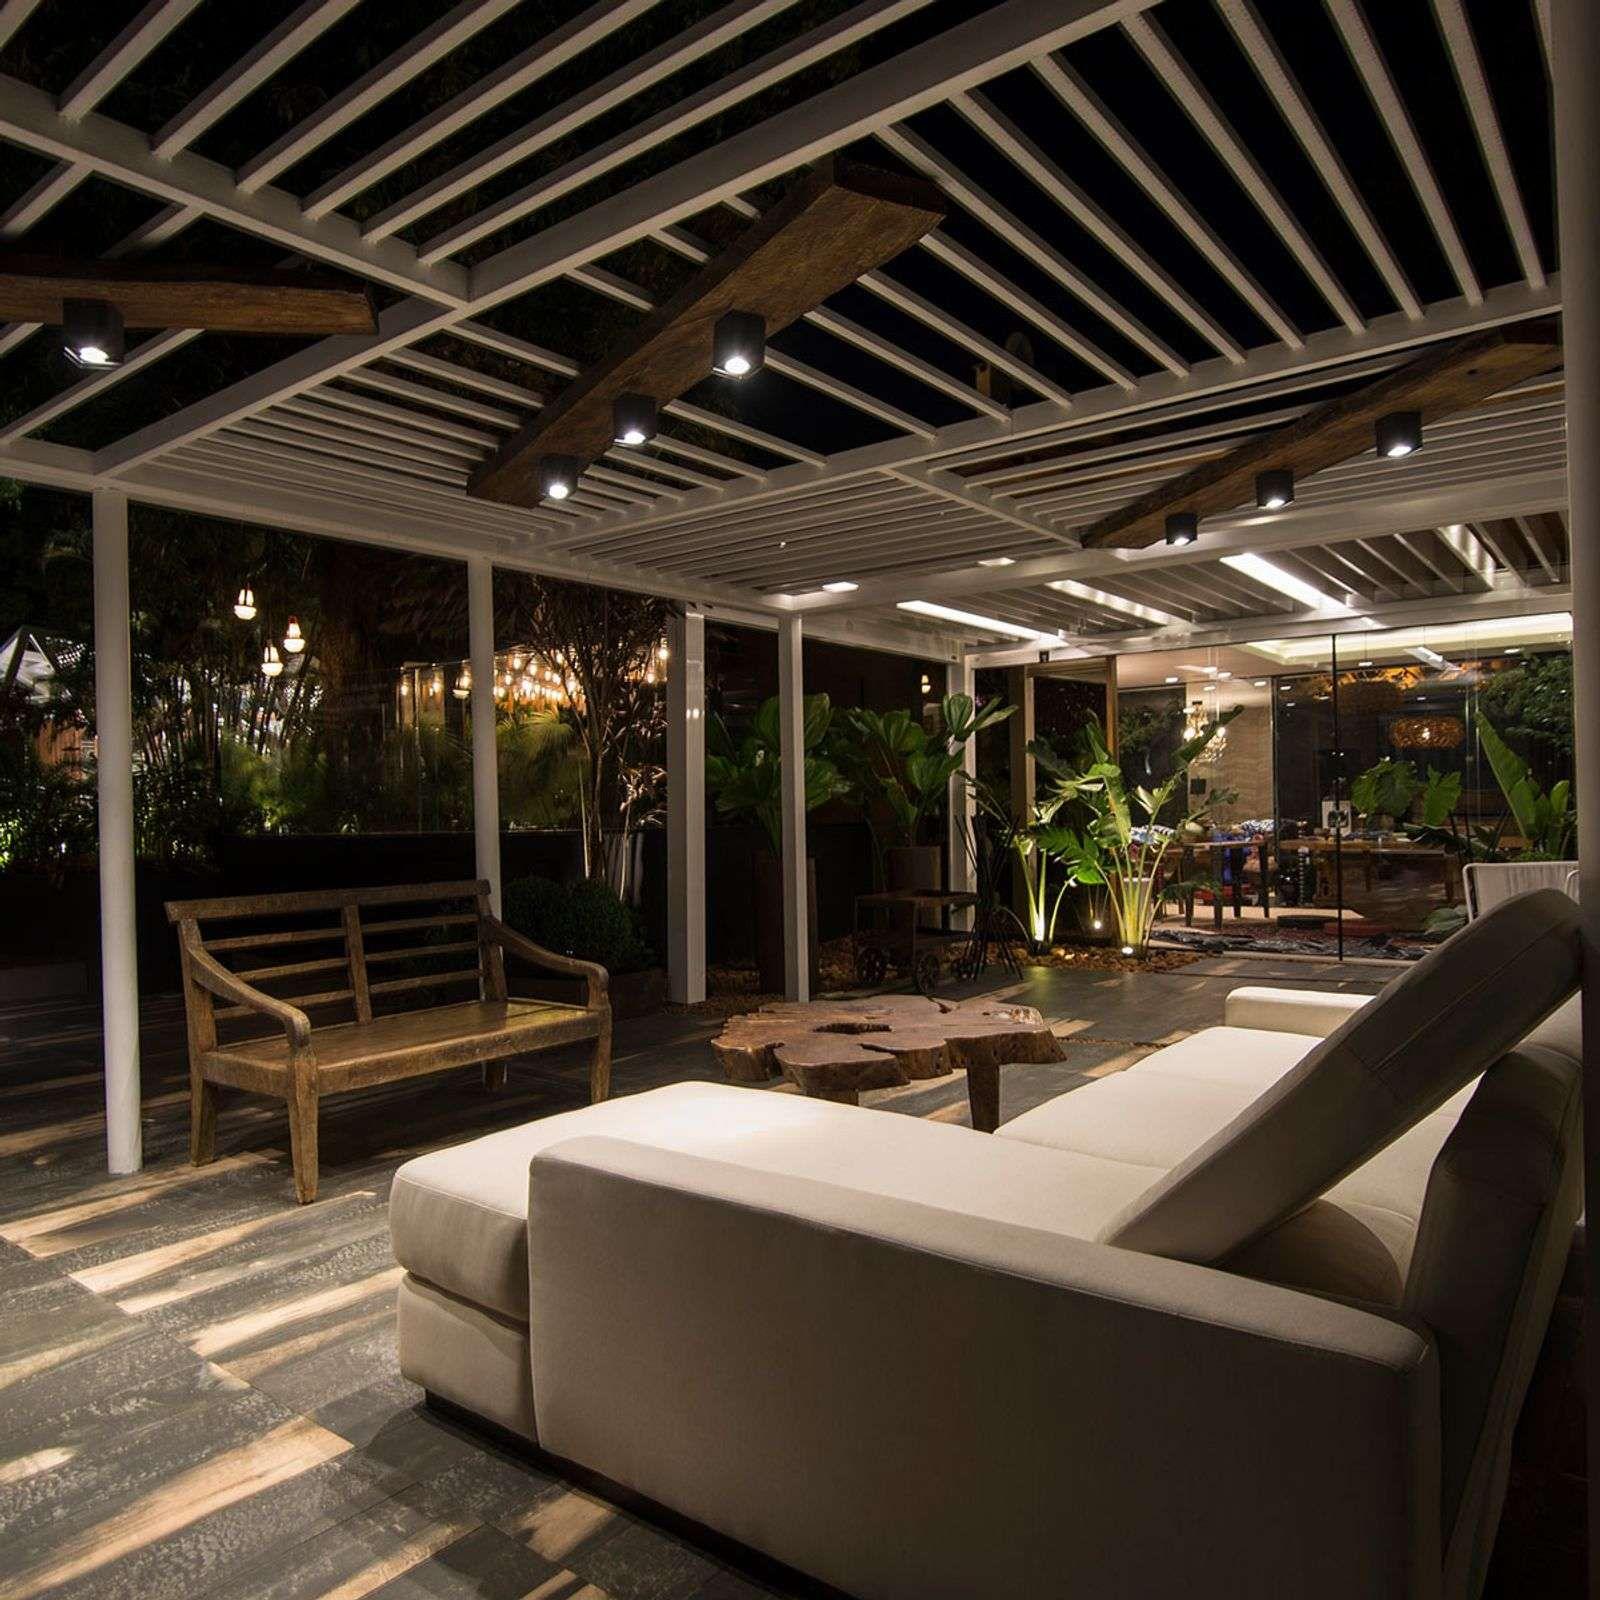 Spot Pour Plafond Led Tami Discret Pour Exterieur Idees De Patio Eclairage Terrasse Eclairage Exterieur